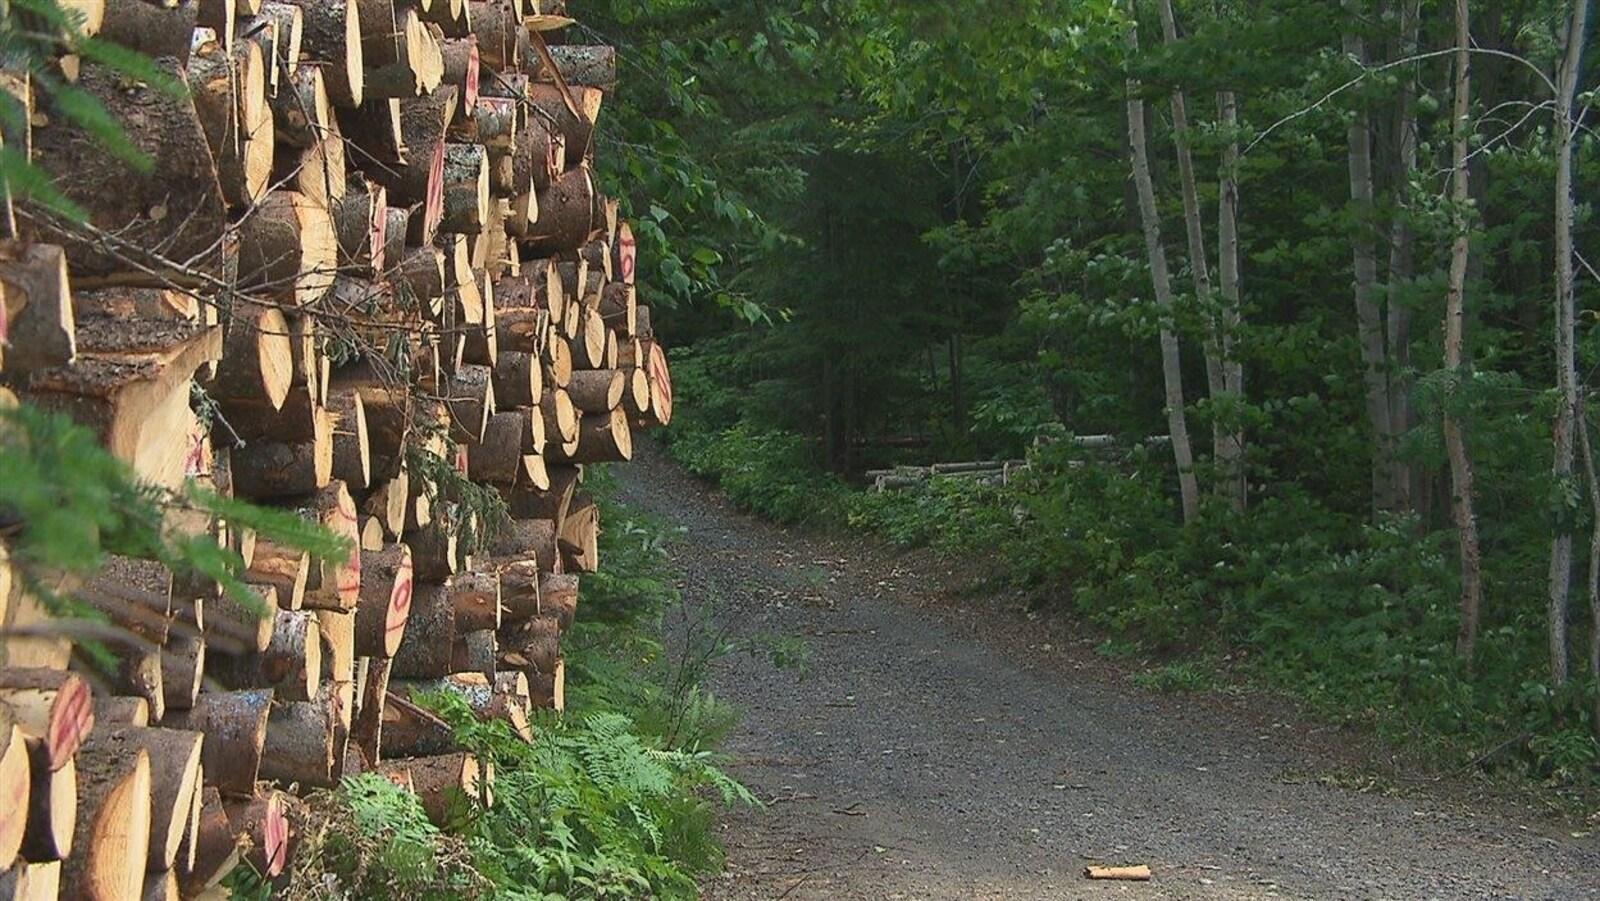 Des billes de bois empilées en forêt.